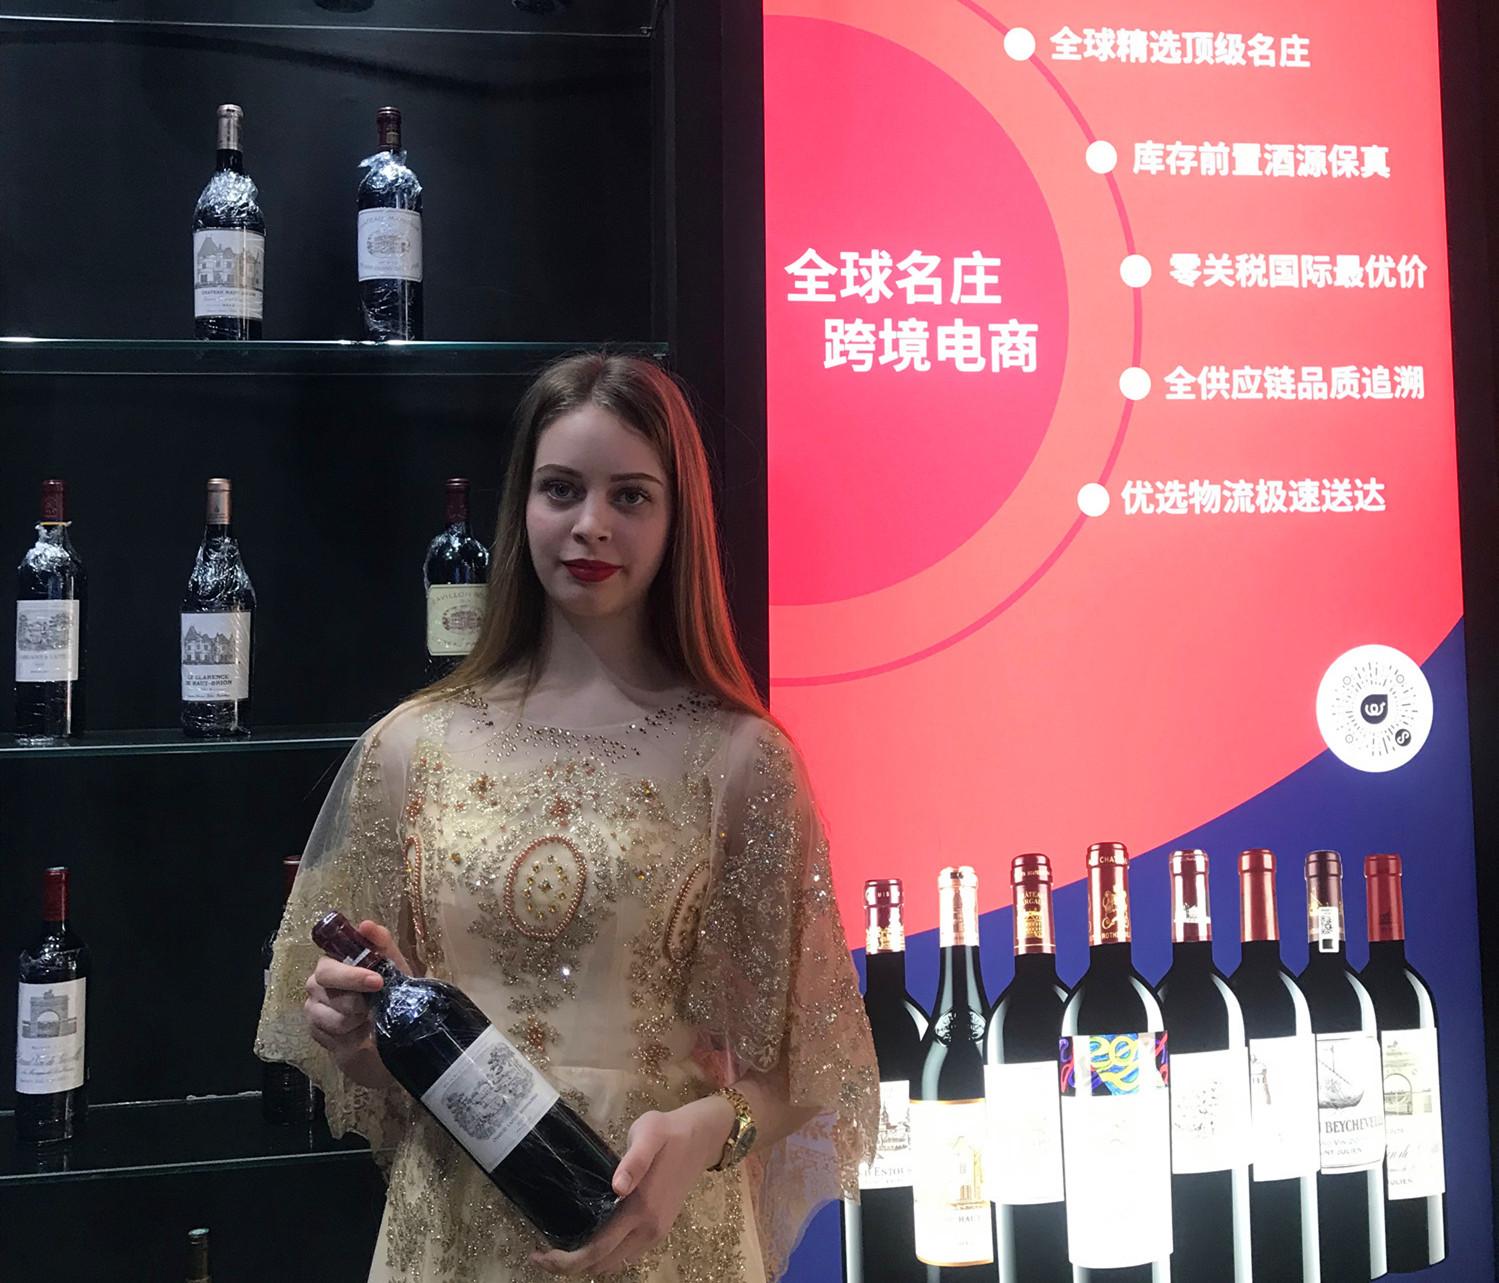 共创名庄葡萄酒跨境新零售创新模式,泸州老窖·百调联手酒加Wine+亮相第十三届